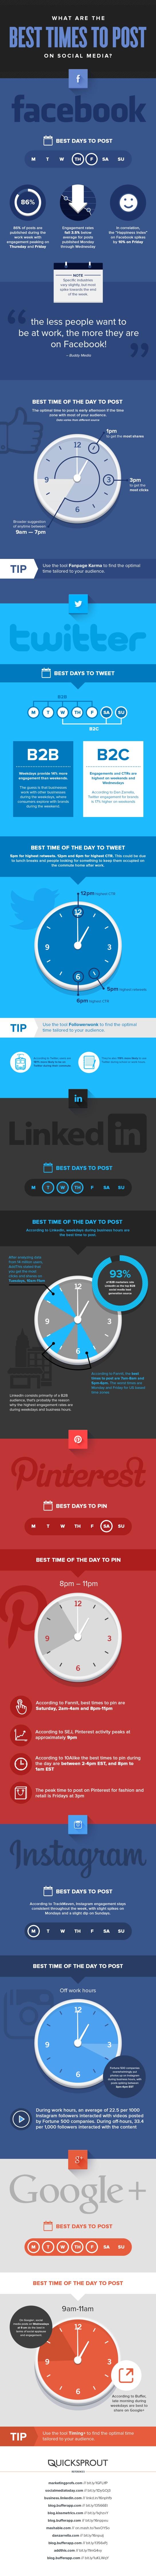 Meilleurs moments pour publier sur les réseaux sociaux - AUTOVEILLE